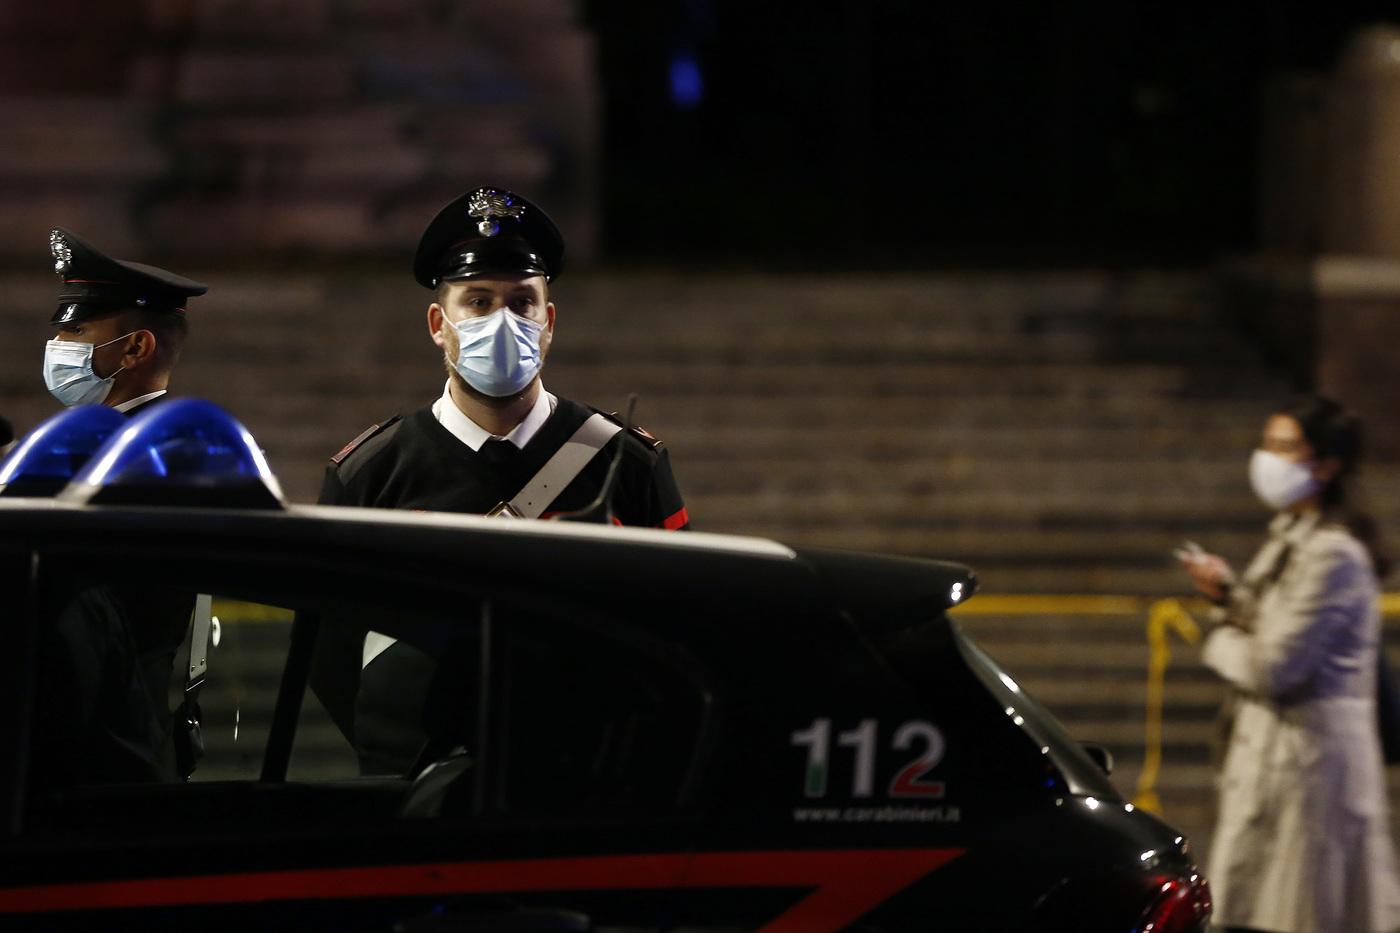 Coronavirus, emergenza sanitaria: lock down notturno - Piazza Trilussa chiusa per il coprifuoco